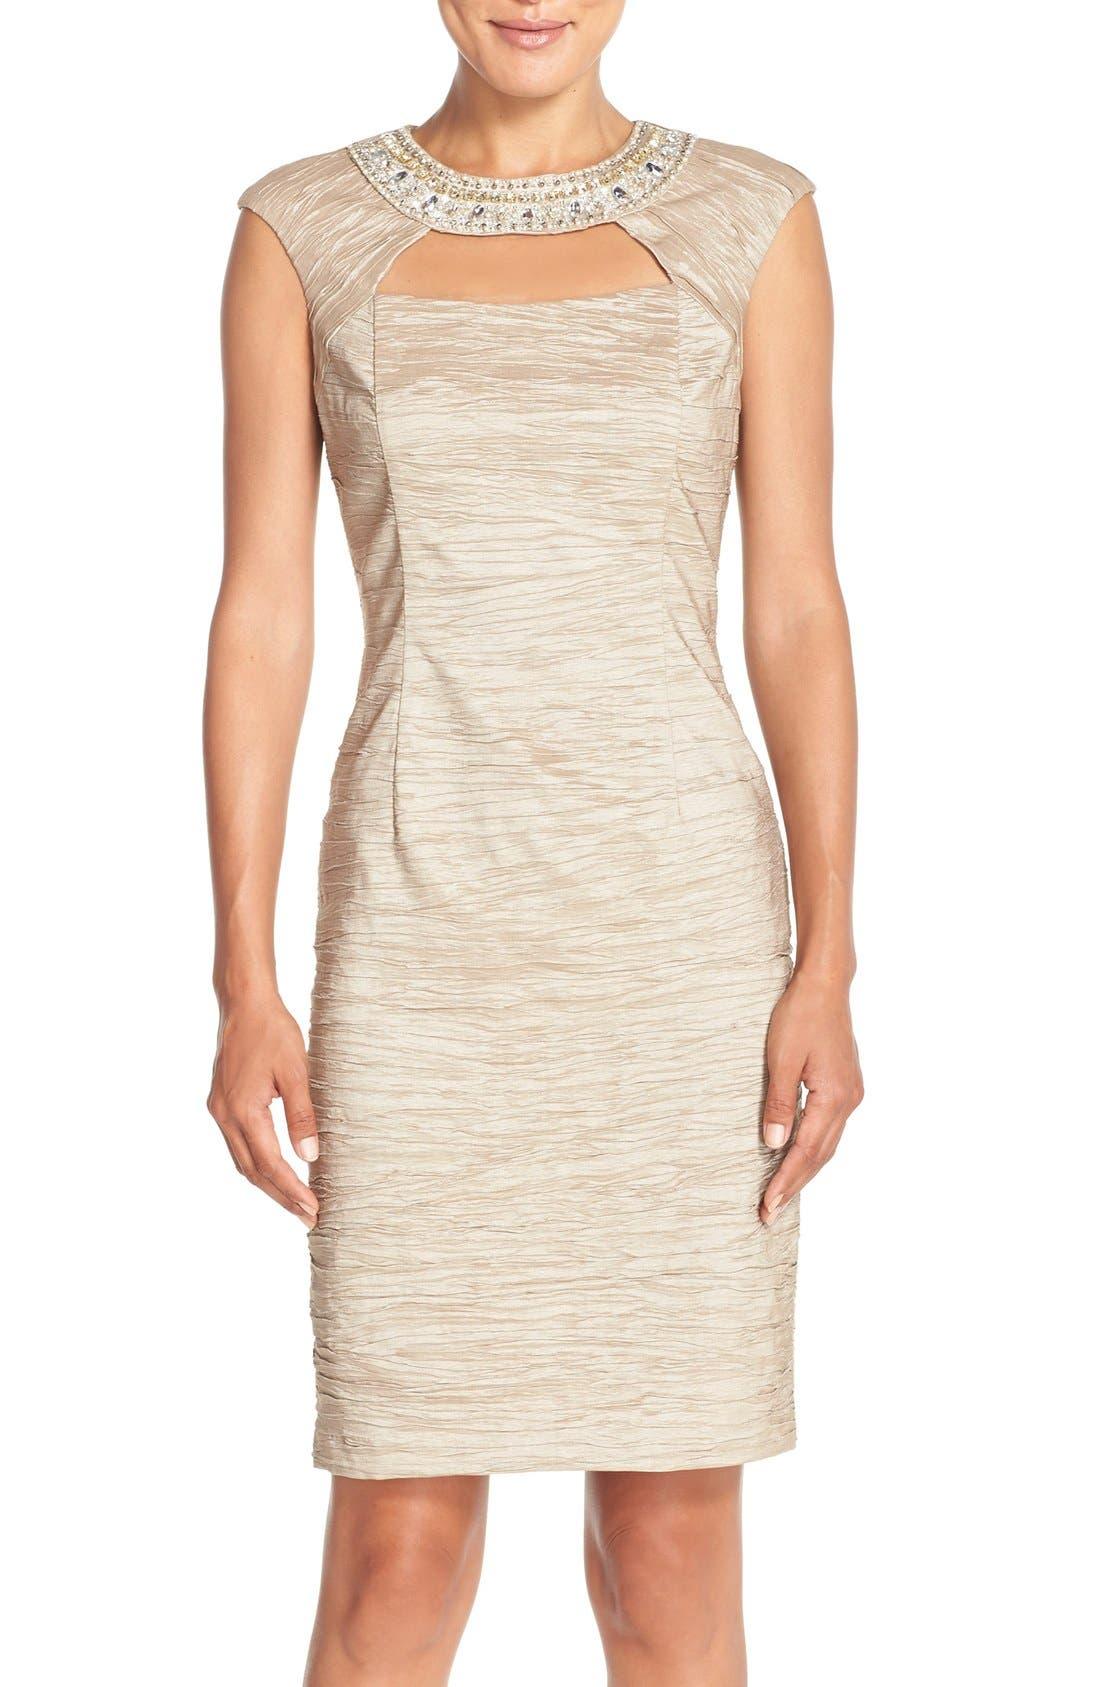 Alternate Image 1 Selected - Eliza J Embellished Crushed Taffeta Sheath Dress